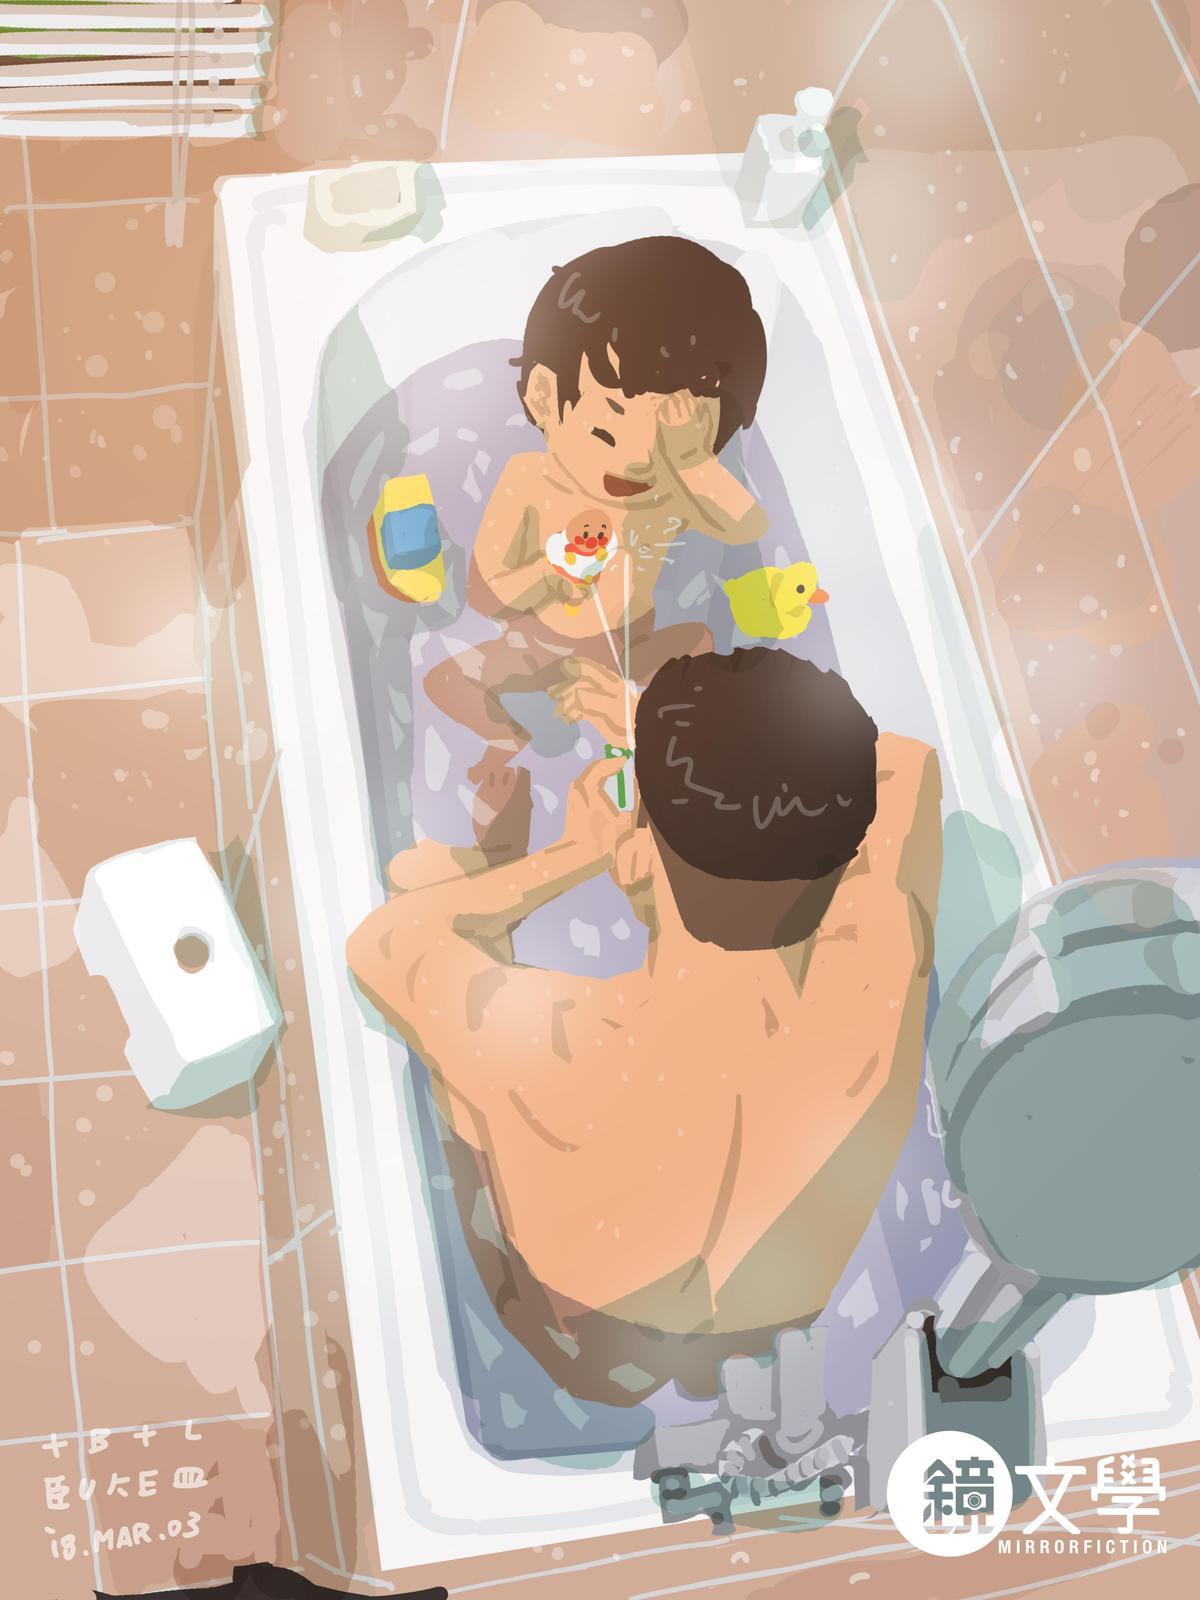 《單親爸爸週記─泡澡》為讓兒子克服對水的恐懼,帶了玩具陪他玩,不料竟讓孩子愛上玩水,多了新的麻煩。(鏡文學提供)